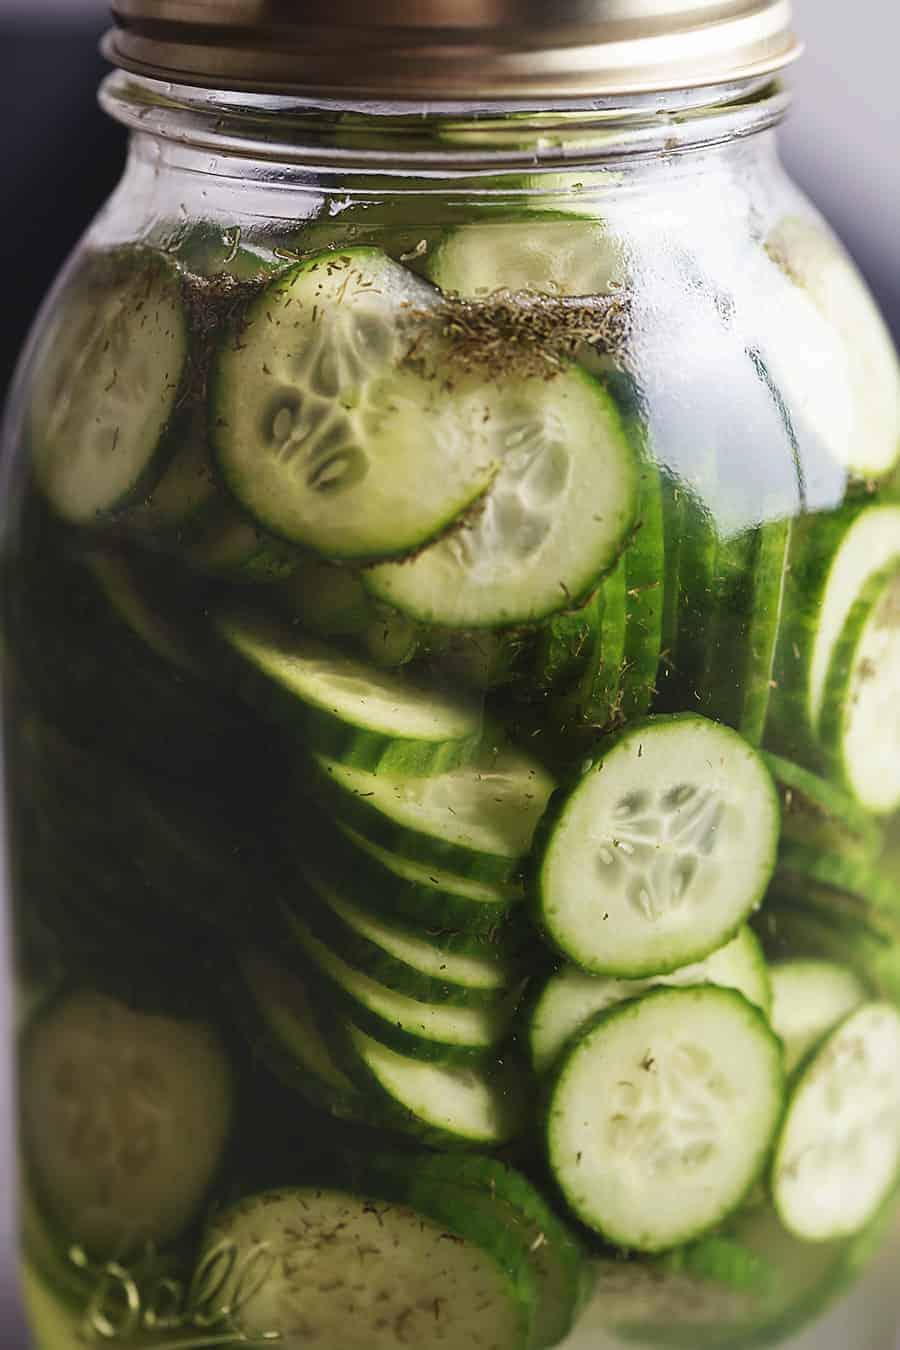 fast food pickles in a jar